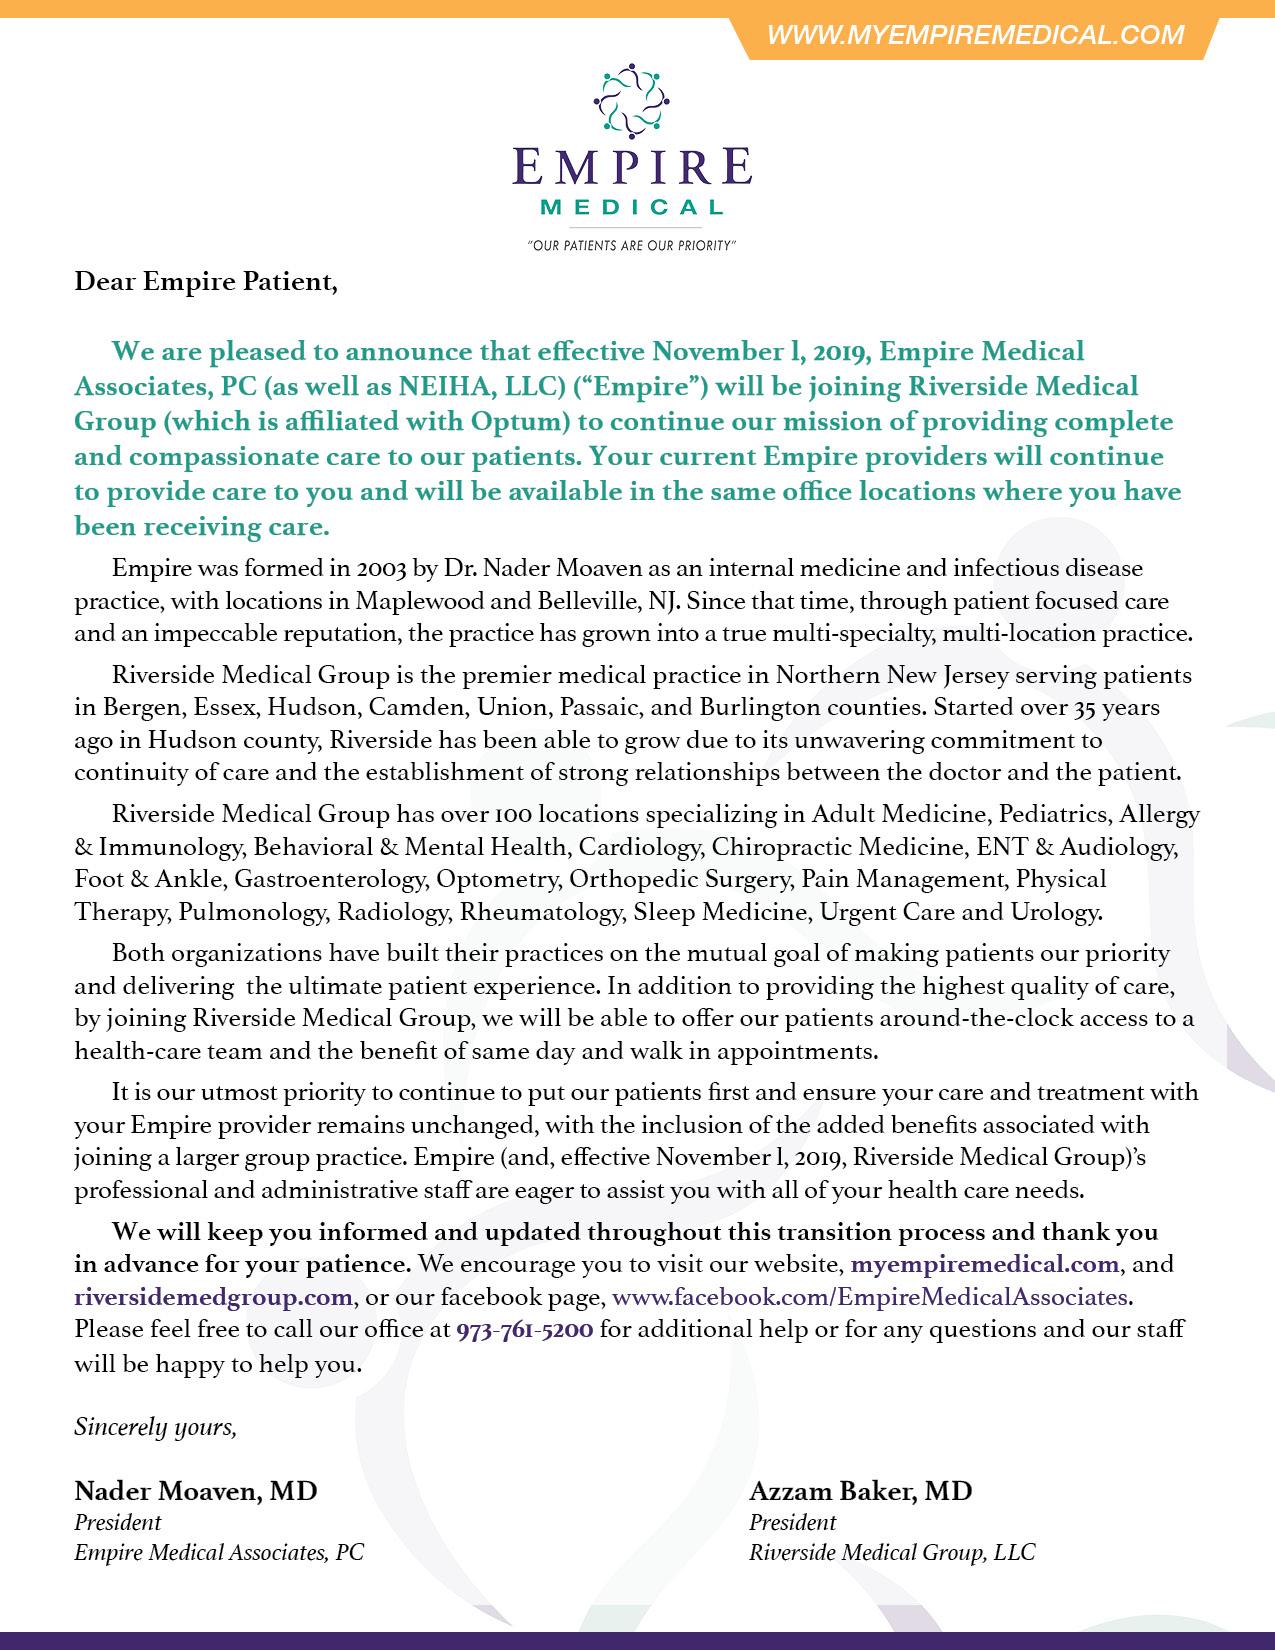 RMG Empire Letter